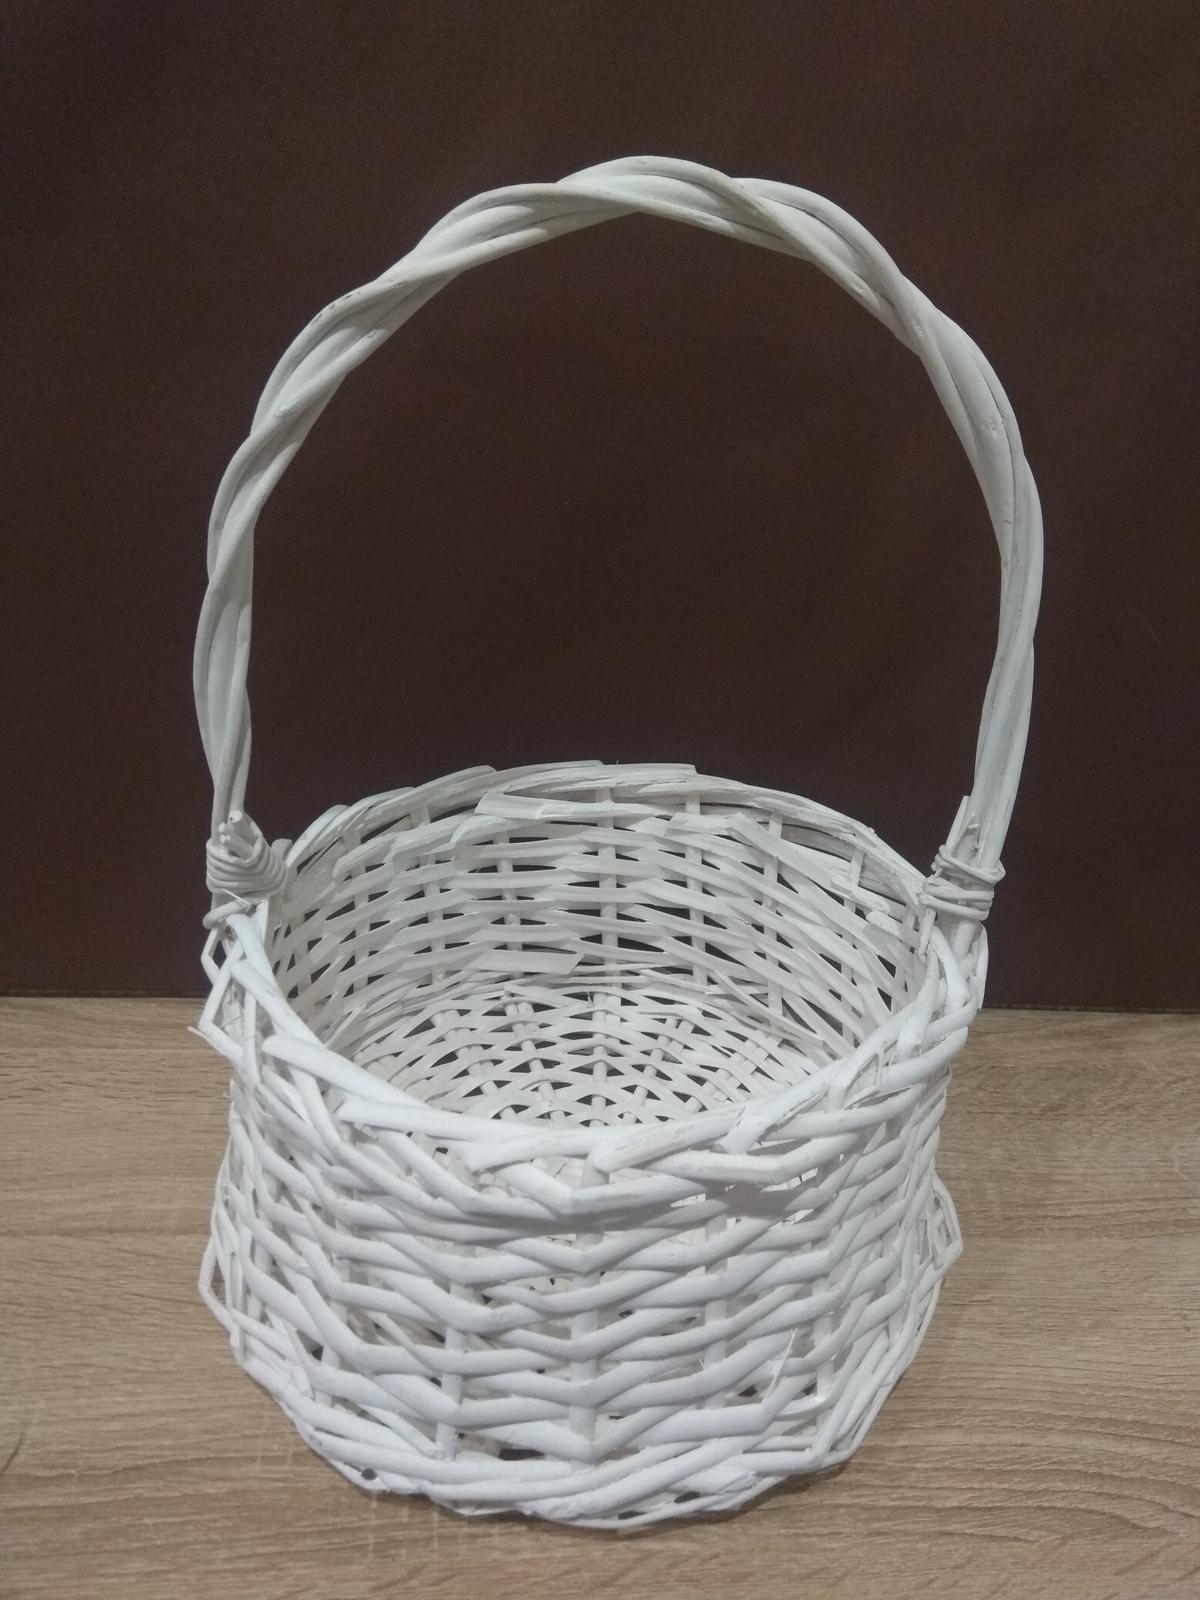 Košík pro družičku - Obrázek č. 1